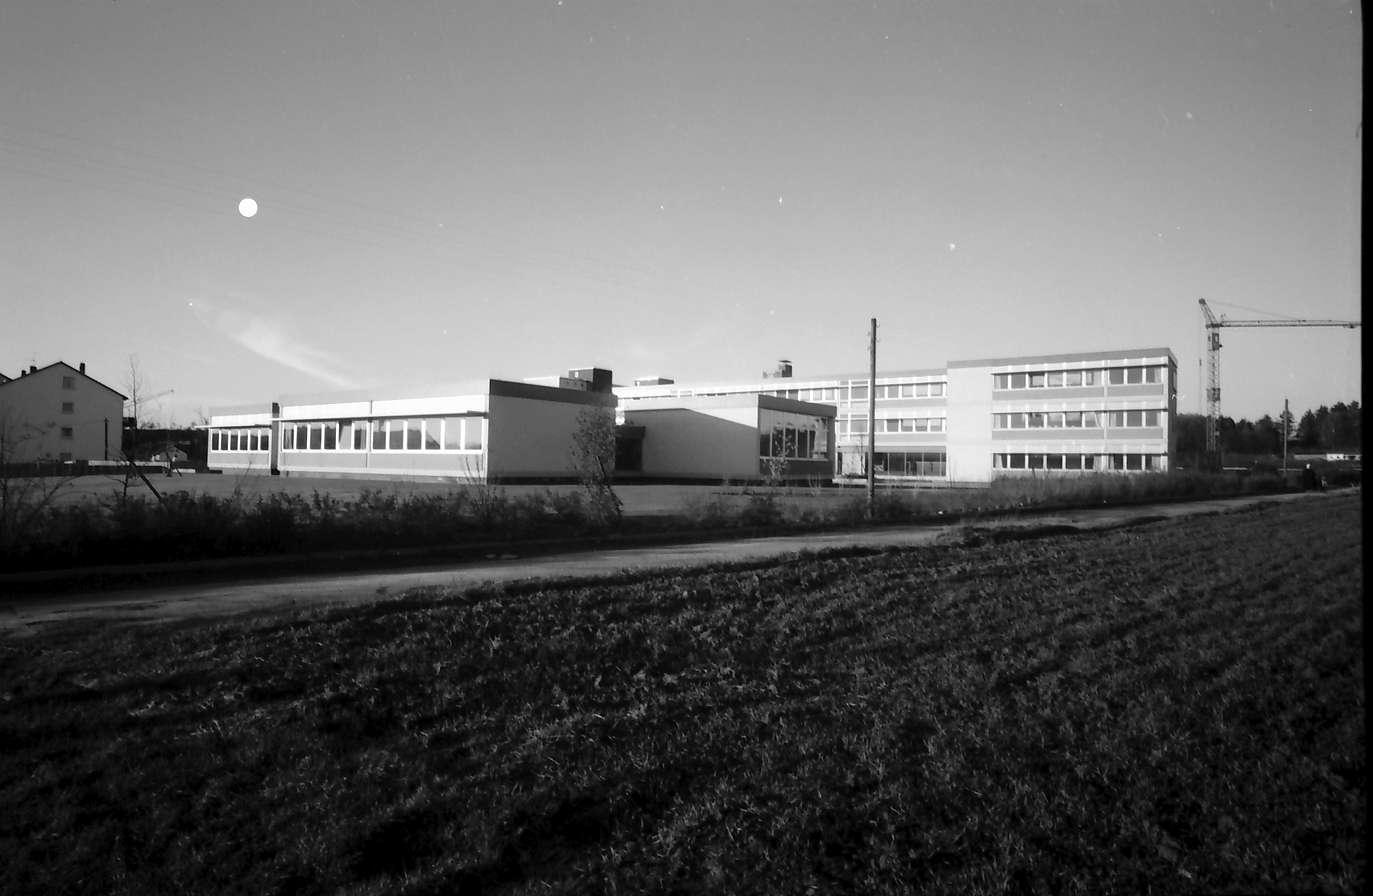 Denzlingen: Schule, Gesamtansicht von Süden, Vordergrund Acker, Bild 1